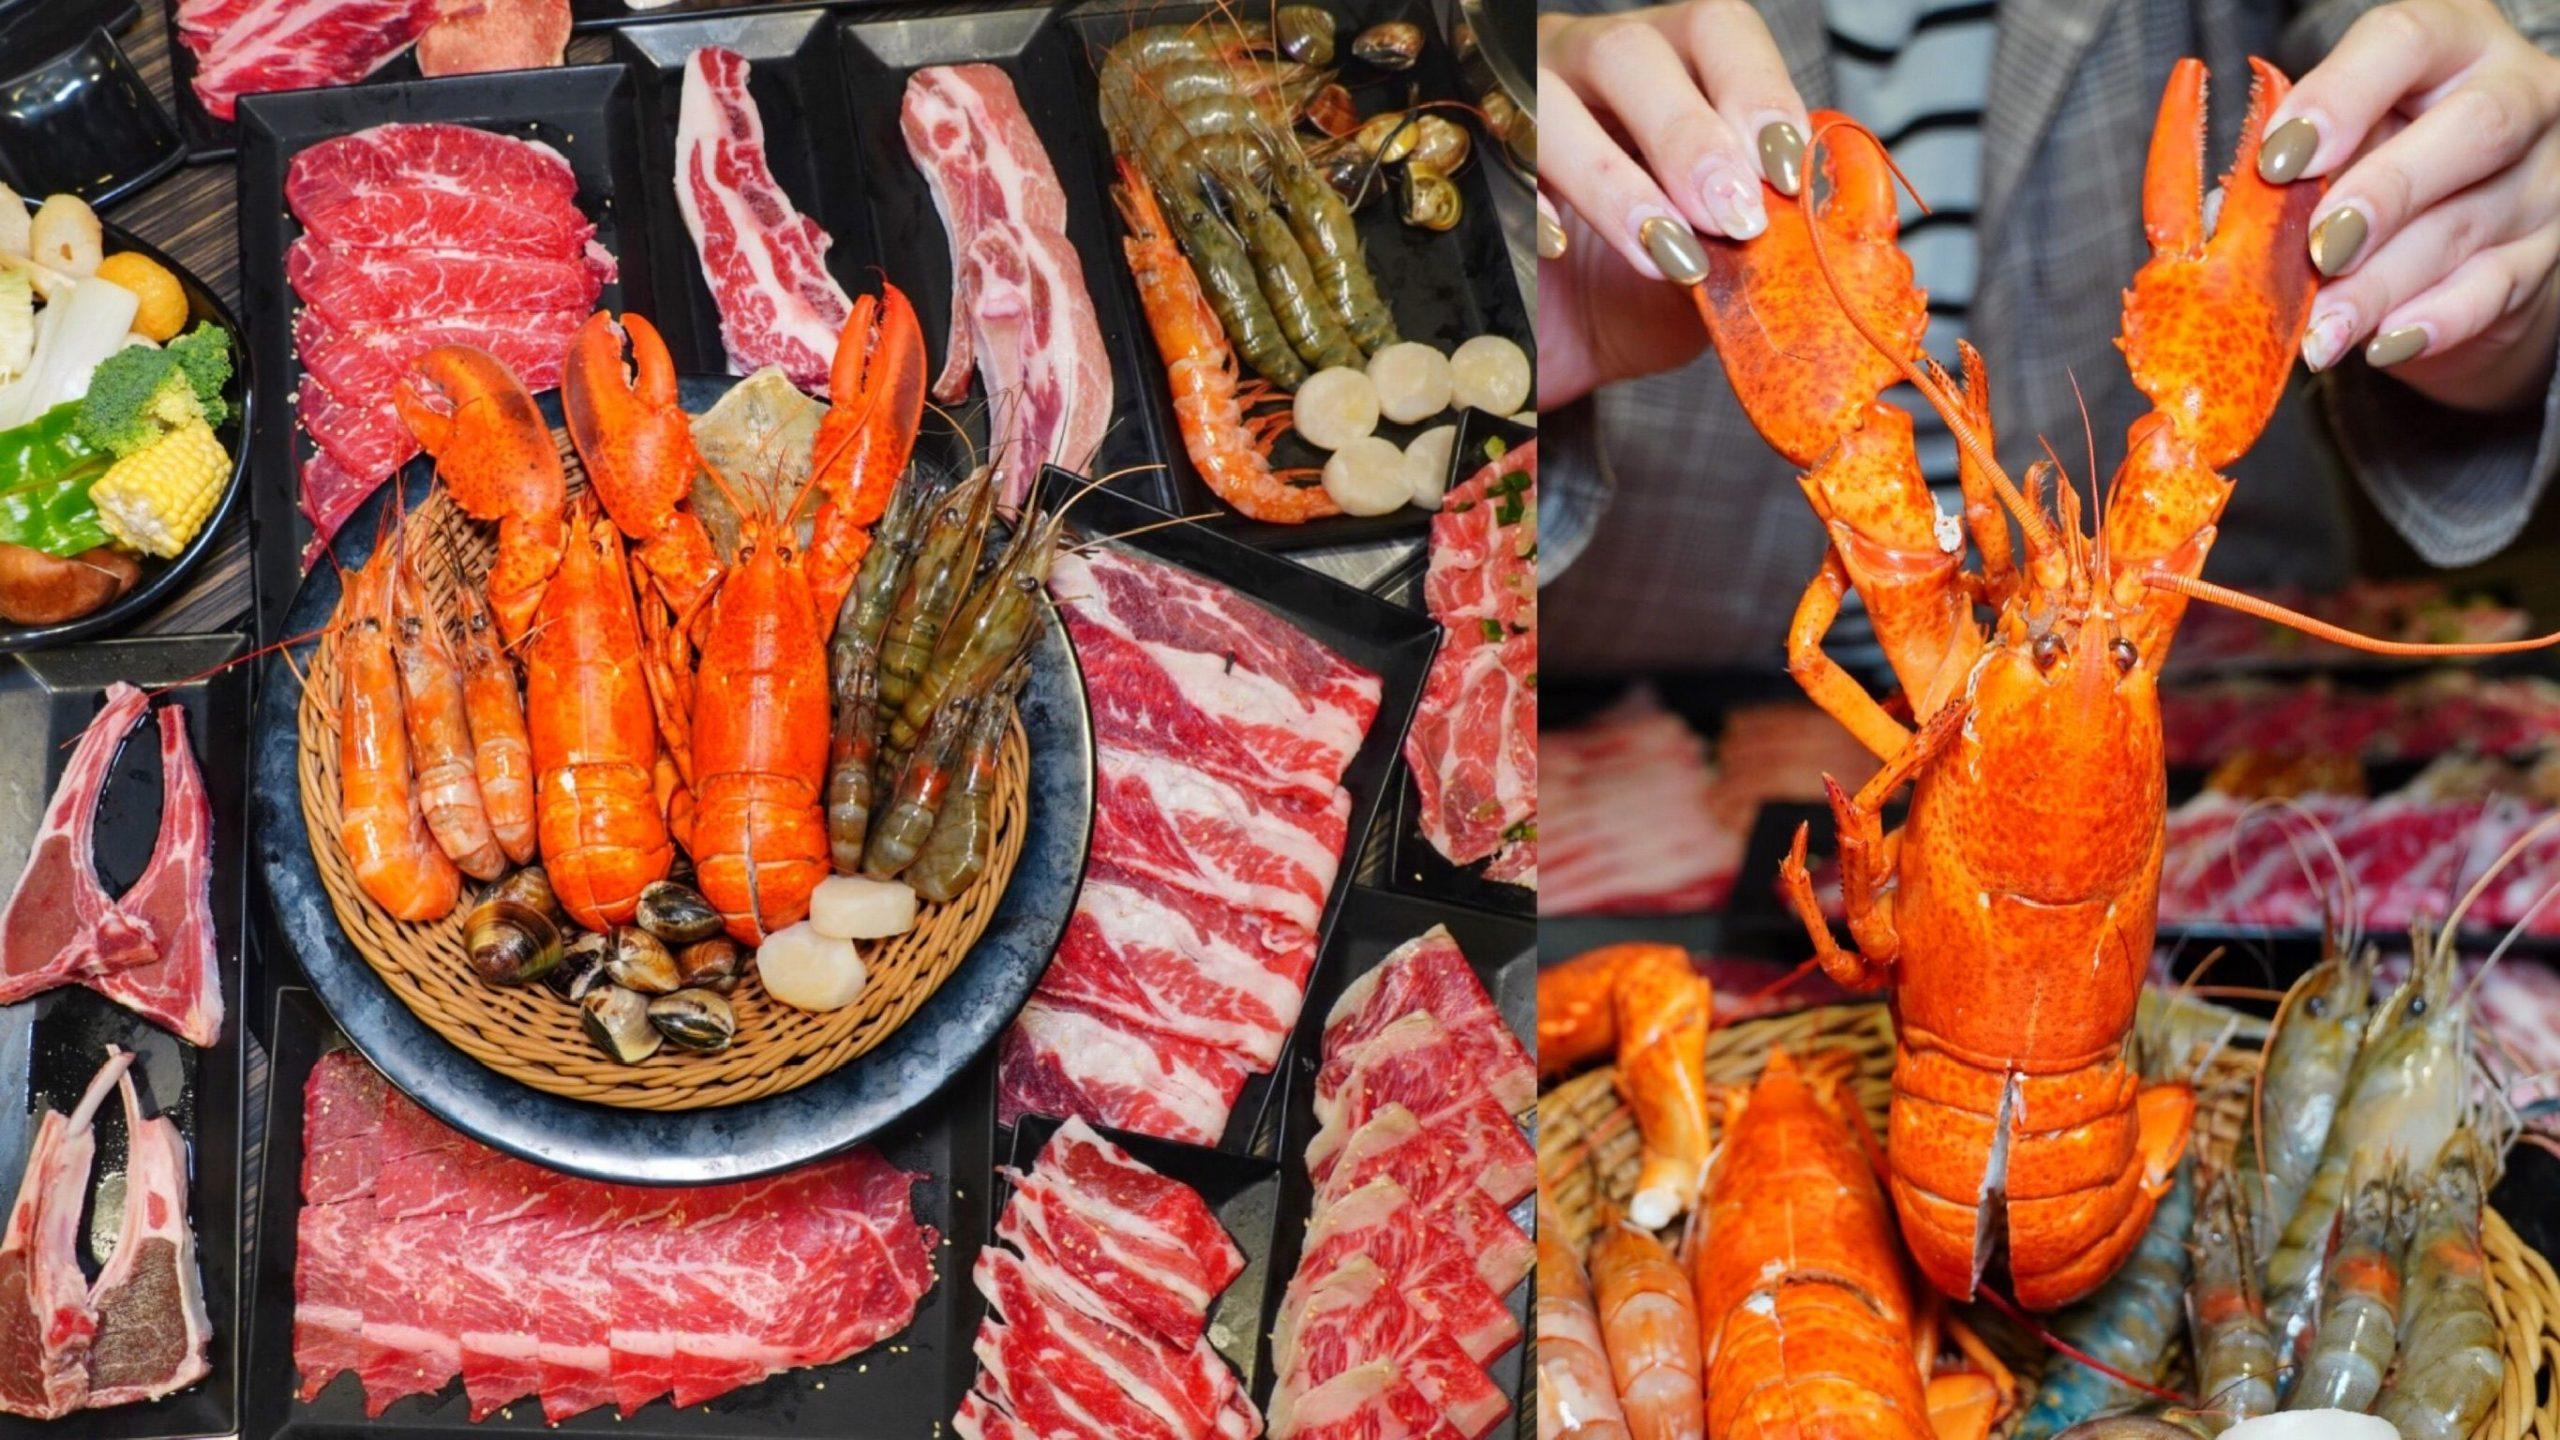 【台南燒烤吃到飽】一燒十味昭和園安平店 台南首創龍蝦和牛魟魚魚翅吃到飽 699元起!32種肉品+15種海鮮及自助吧無限開吃